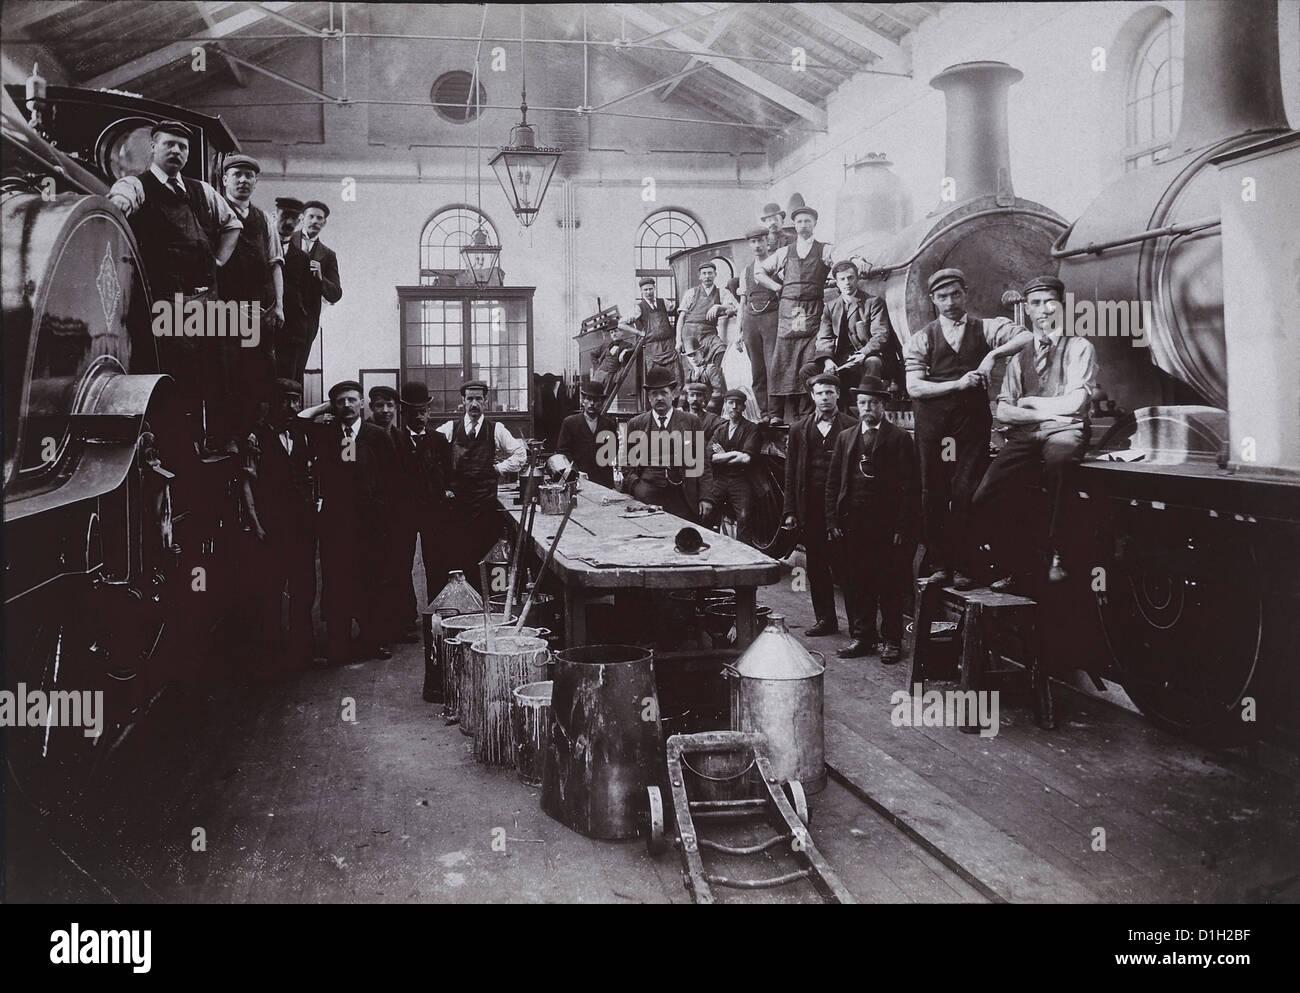 Locomotore ferroviario lavoratori, Ritratto, circa 1910 Immagini Stock